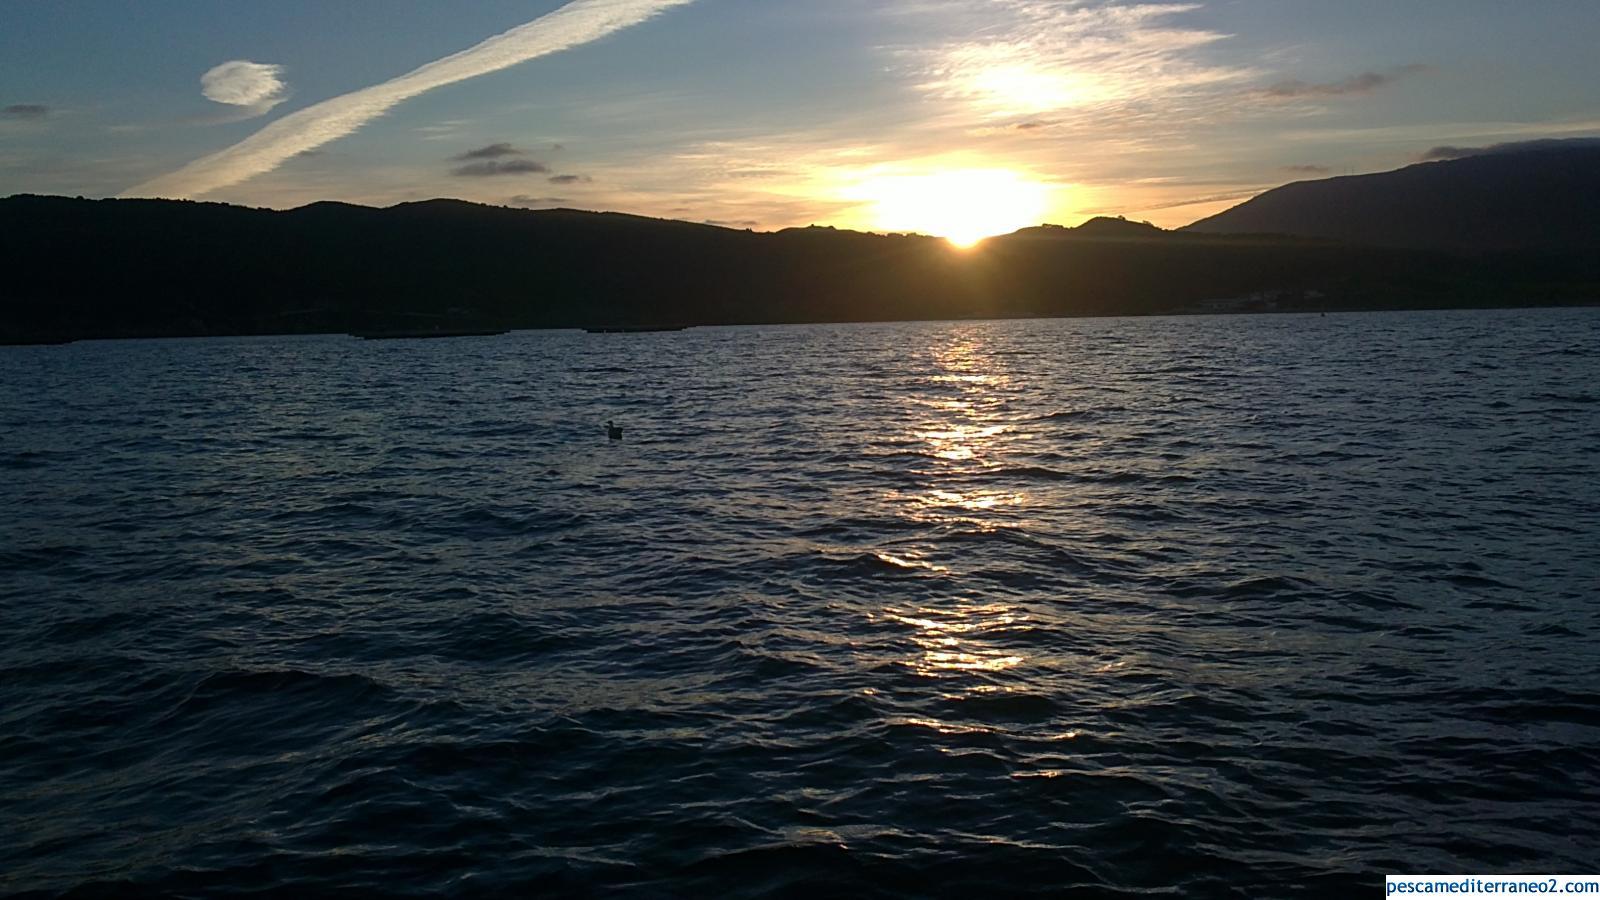 Puesta de sol pescando calamares